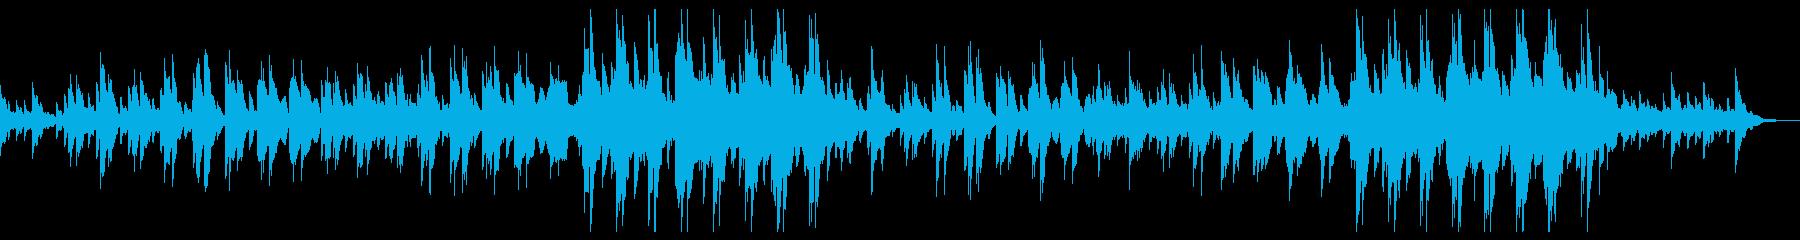 企業VP・CM 優しく感動的なピアノ曲の再生済みの波形